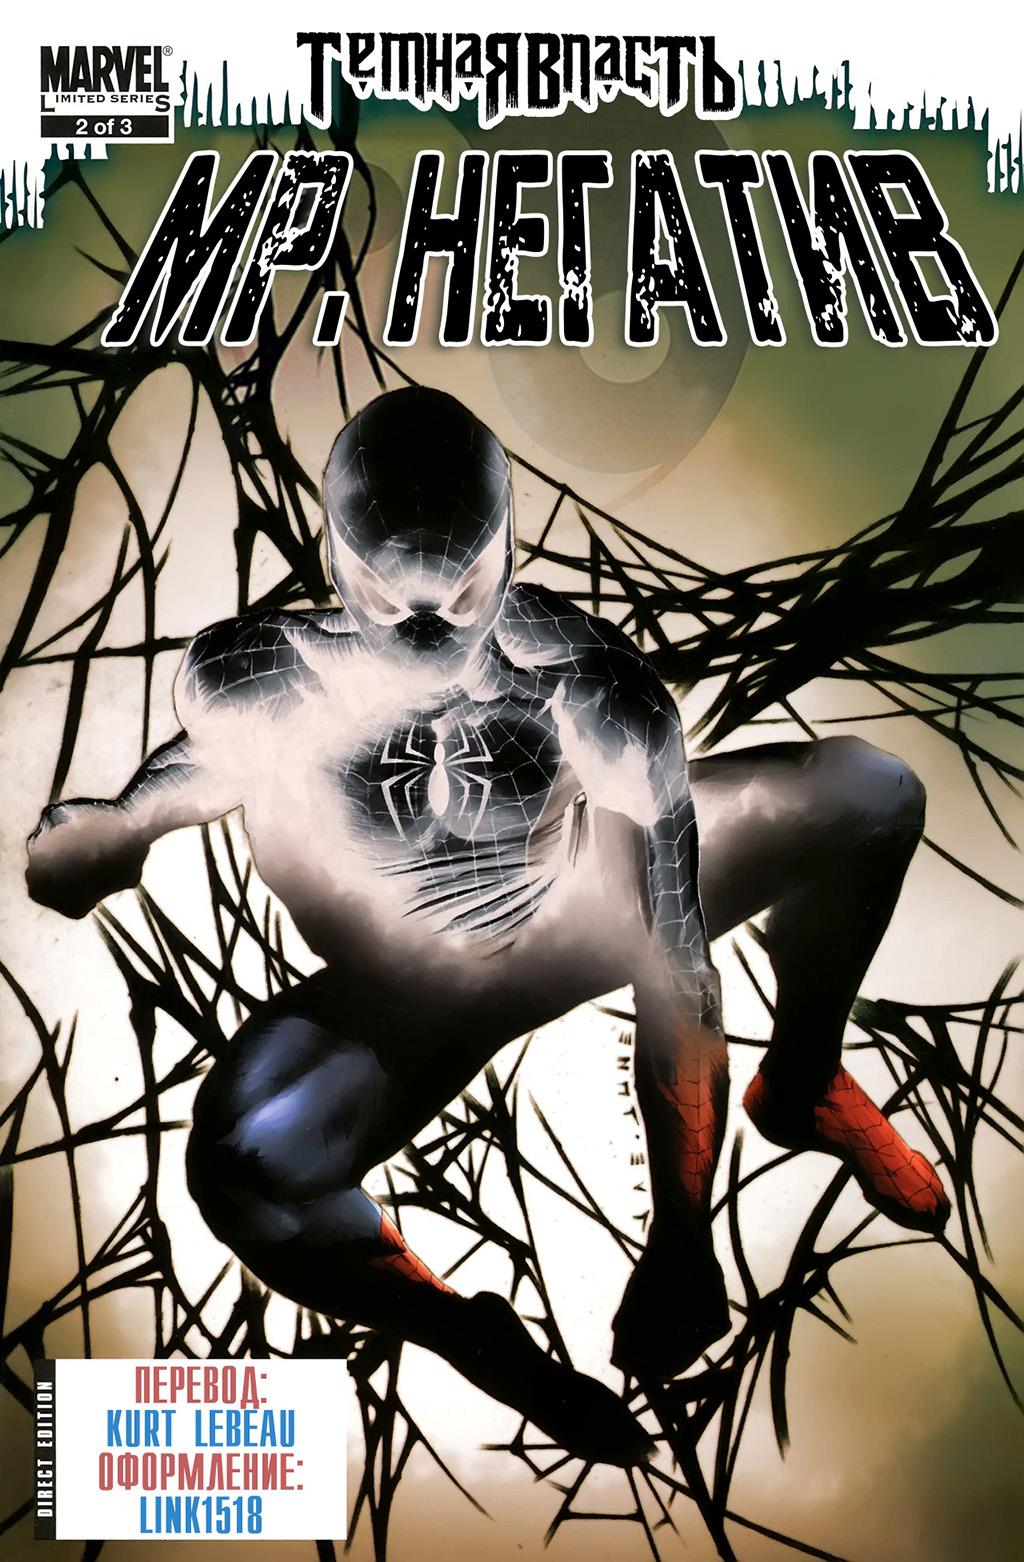 Комикс Темная Власть: Мистер Негатив